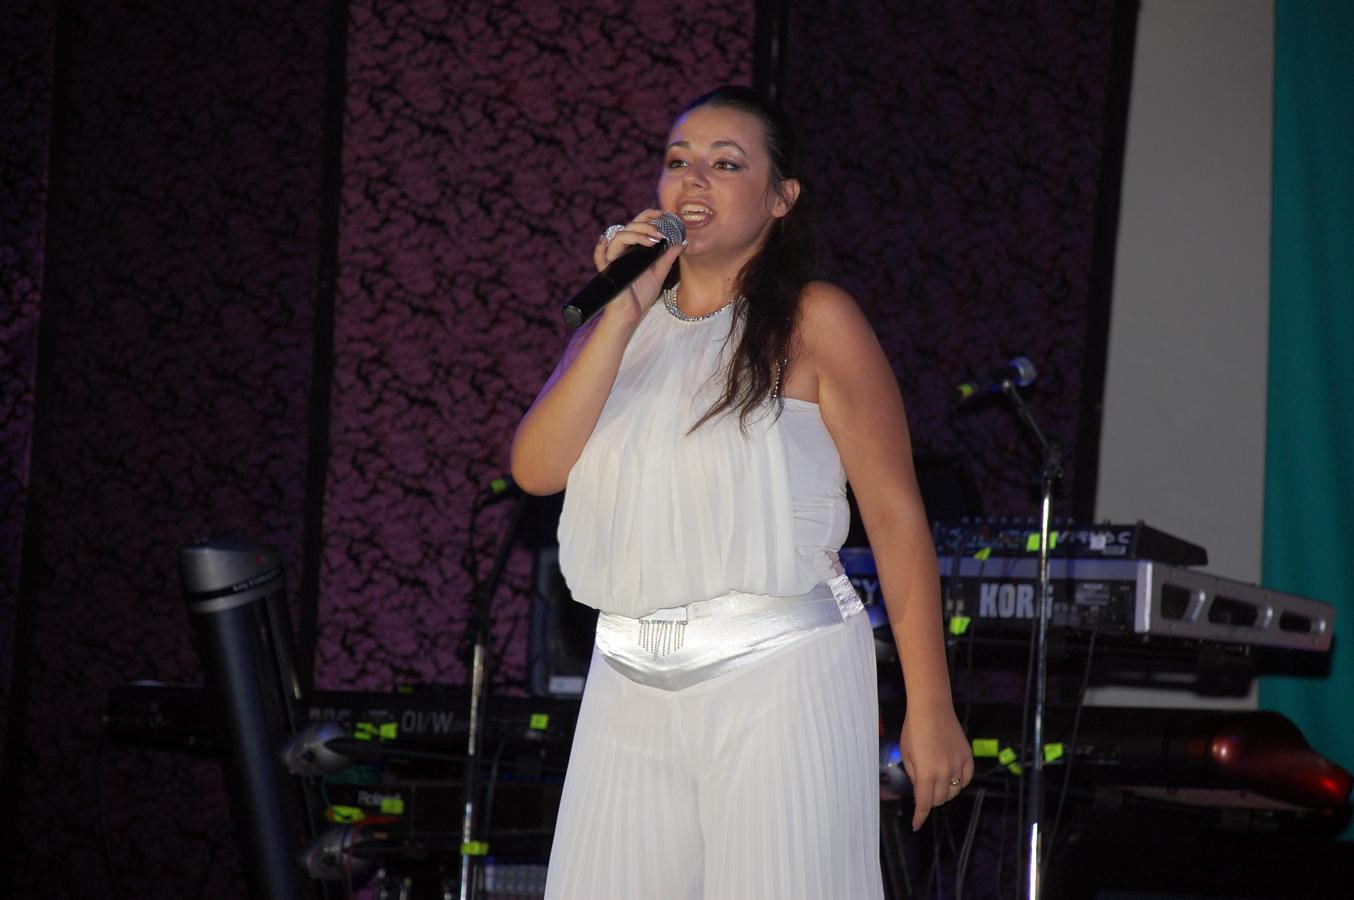 Premiul 3 - Lorena Muntenas - Vrancea